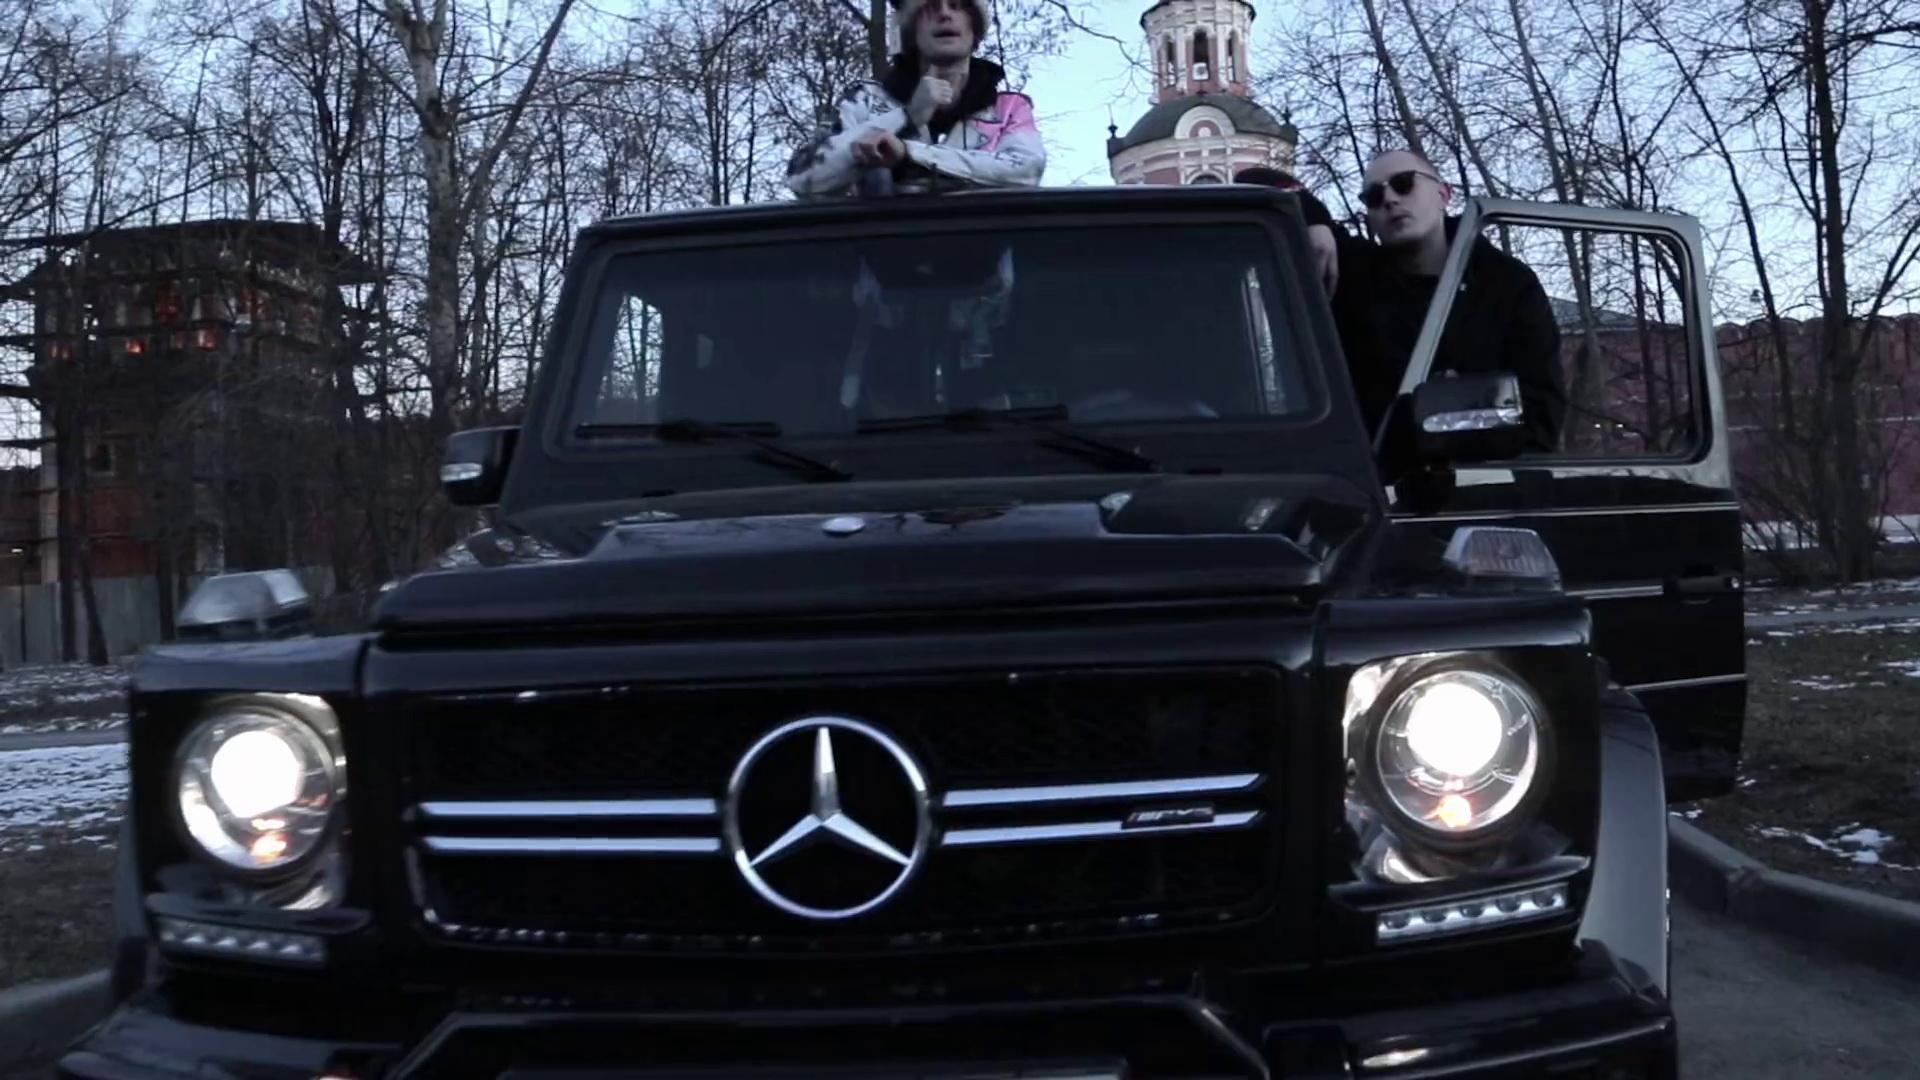 Mercedes Benz Gelandewagen G63 Black Car In Benz Truck By